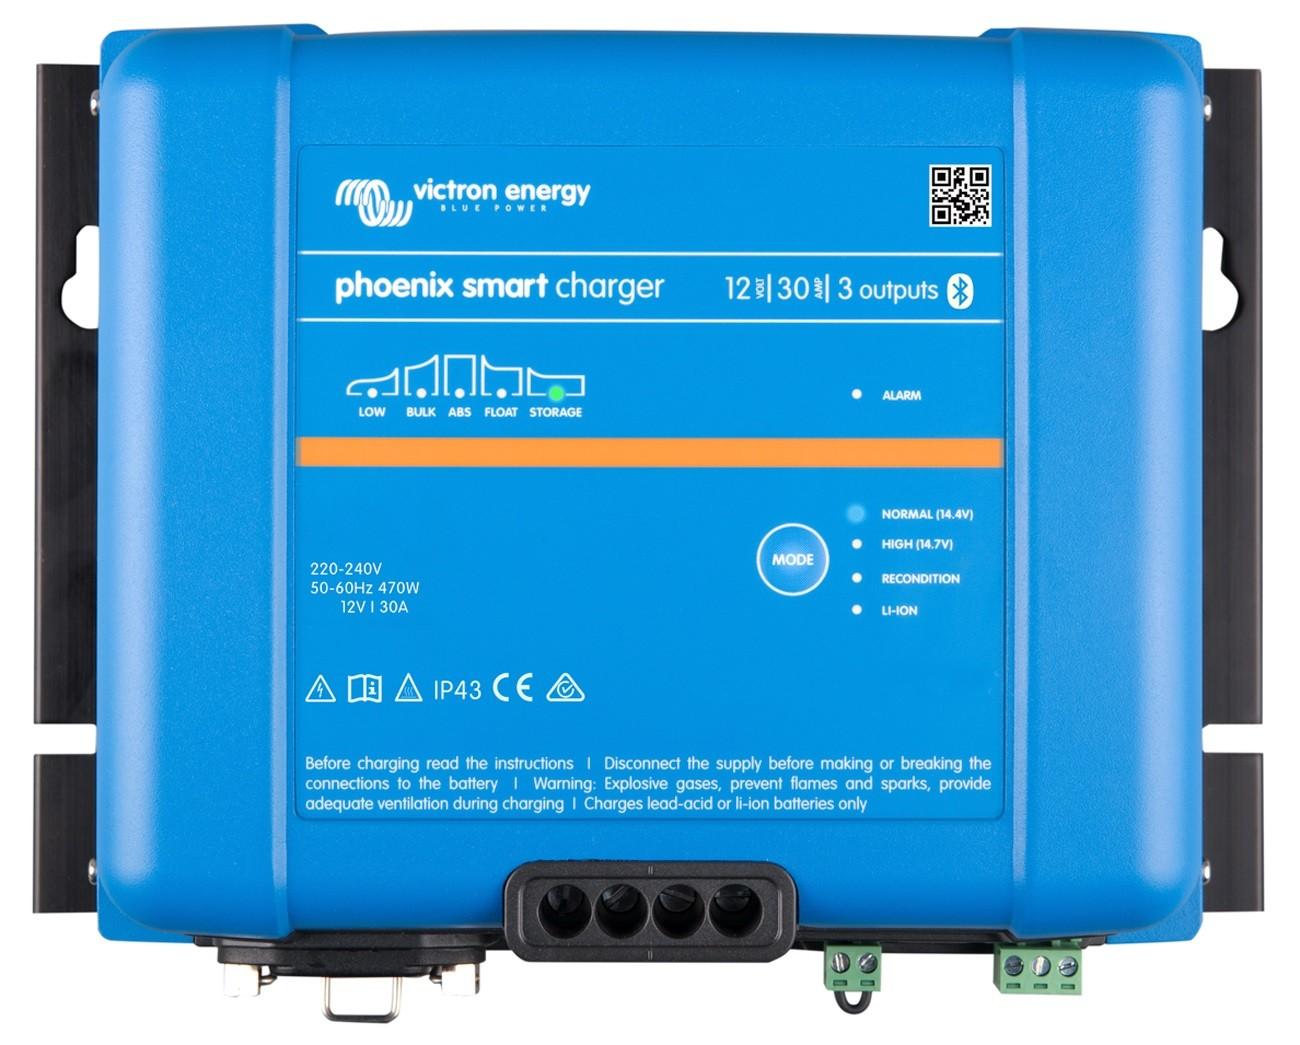 Controlador de Carga (Carregador) de Bateria Náutico Victron Phoenix Smart IP43 12V 30A para Barcos e Lanchas